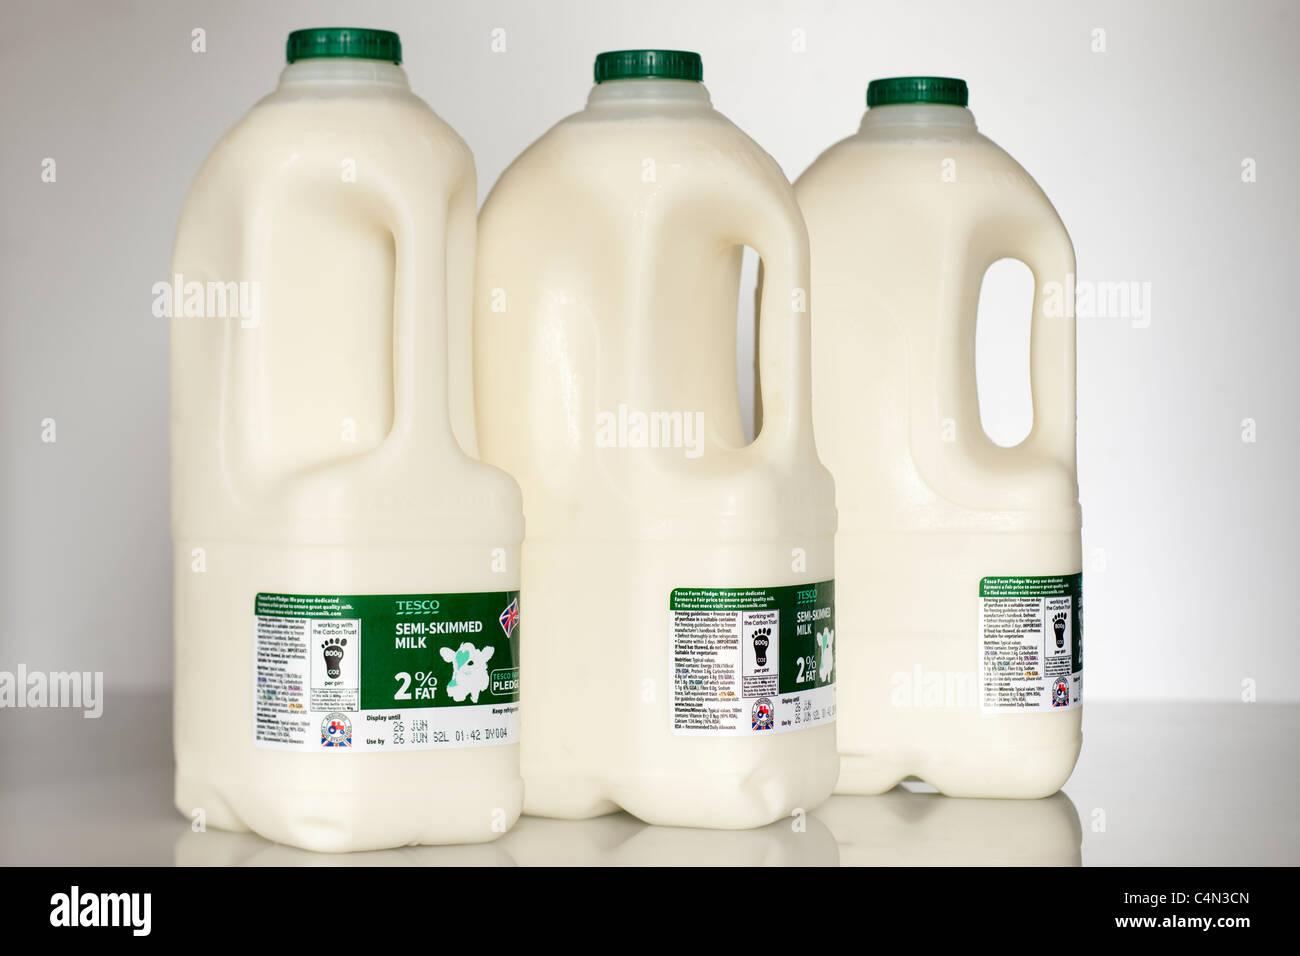 Three plastic four pint or 2.272 litre bottles of Tesco semi skimmed milk - Stock Image